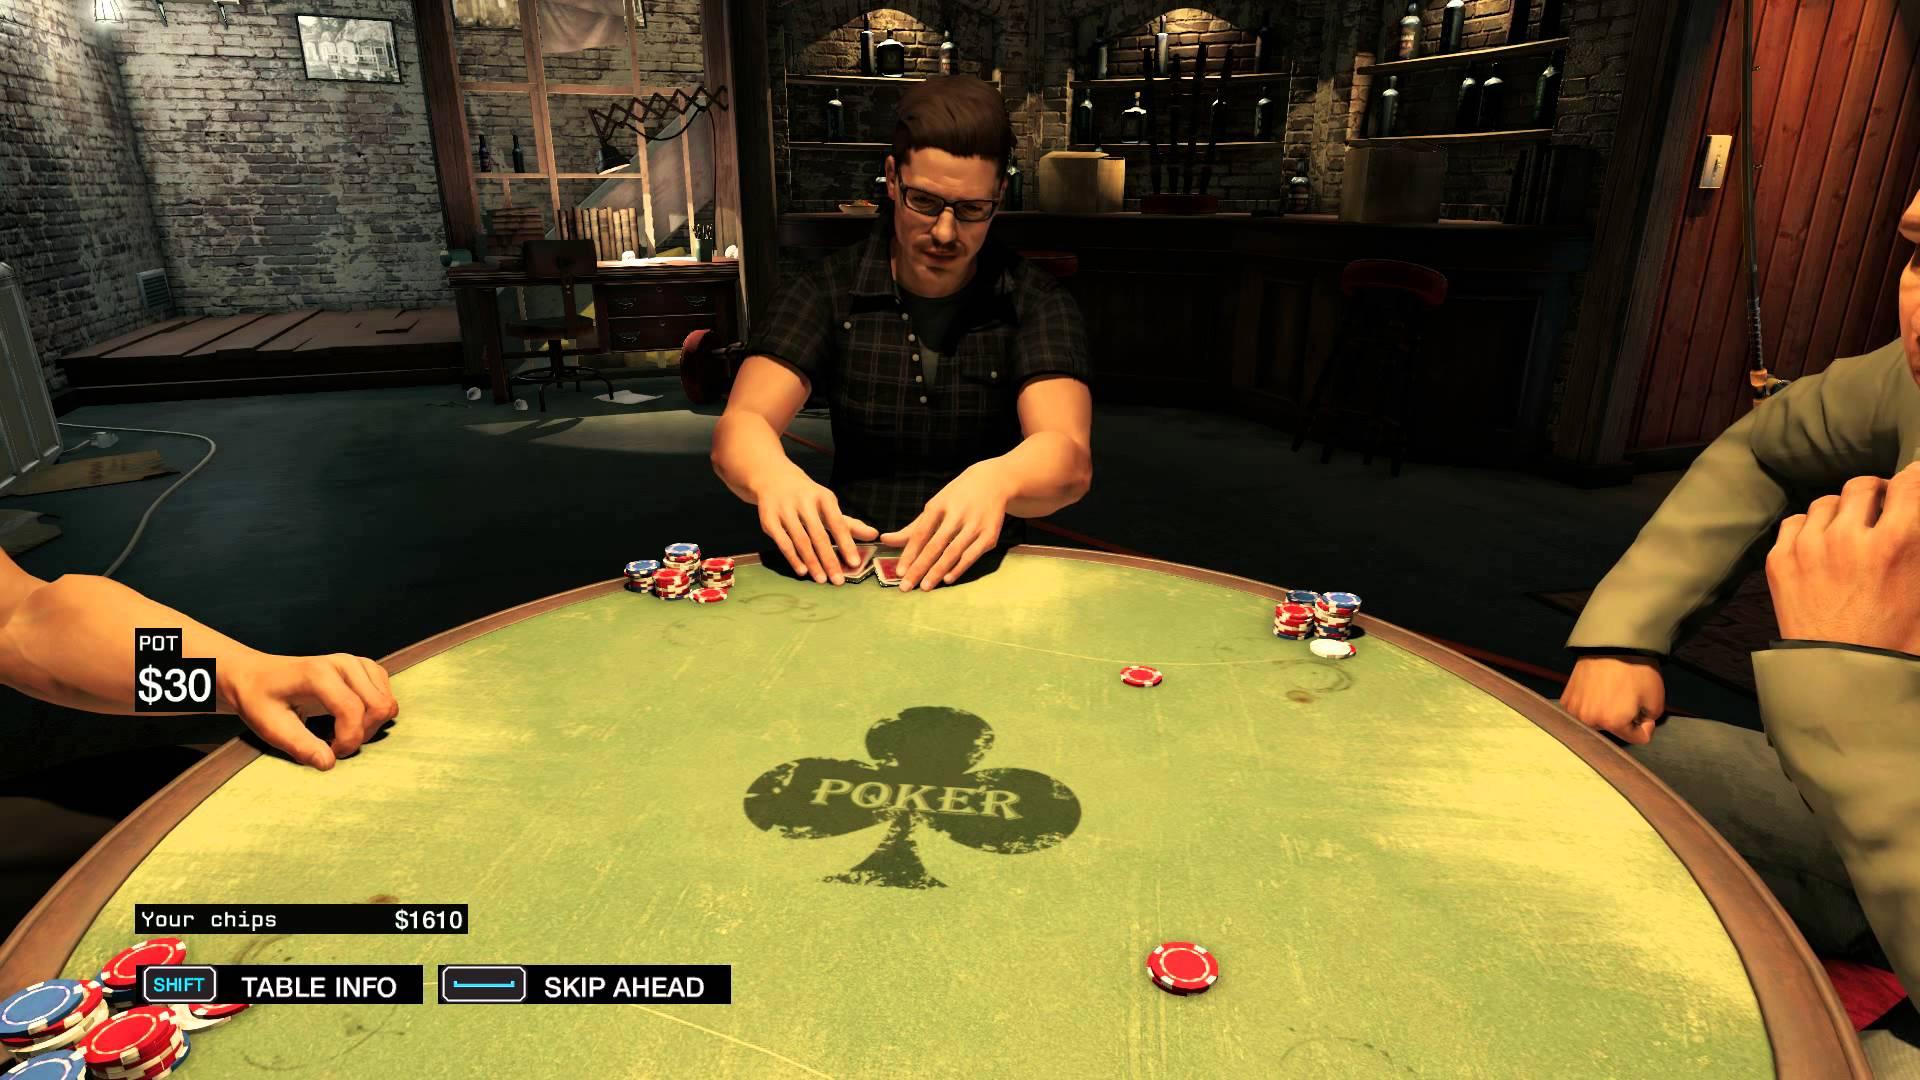 العب طاولة كيفية - 31924